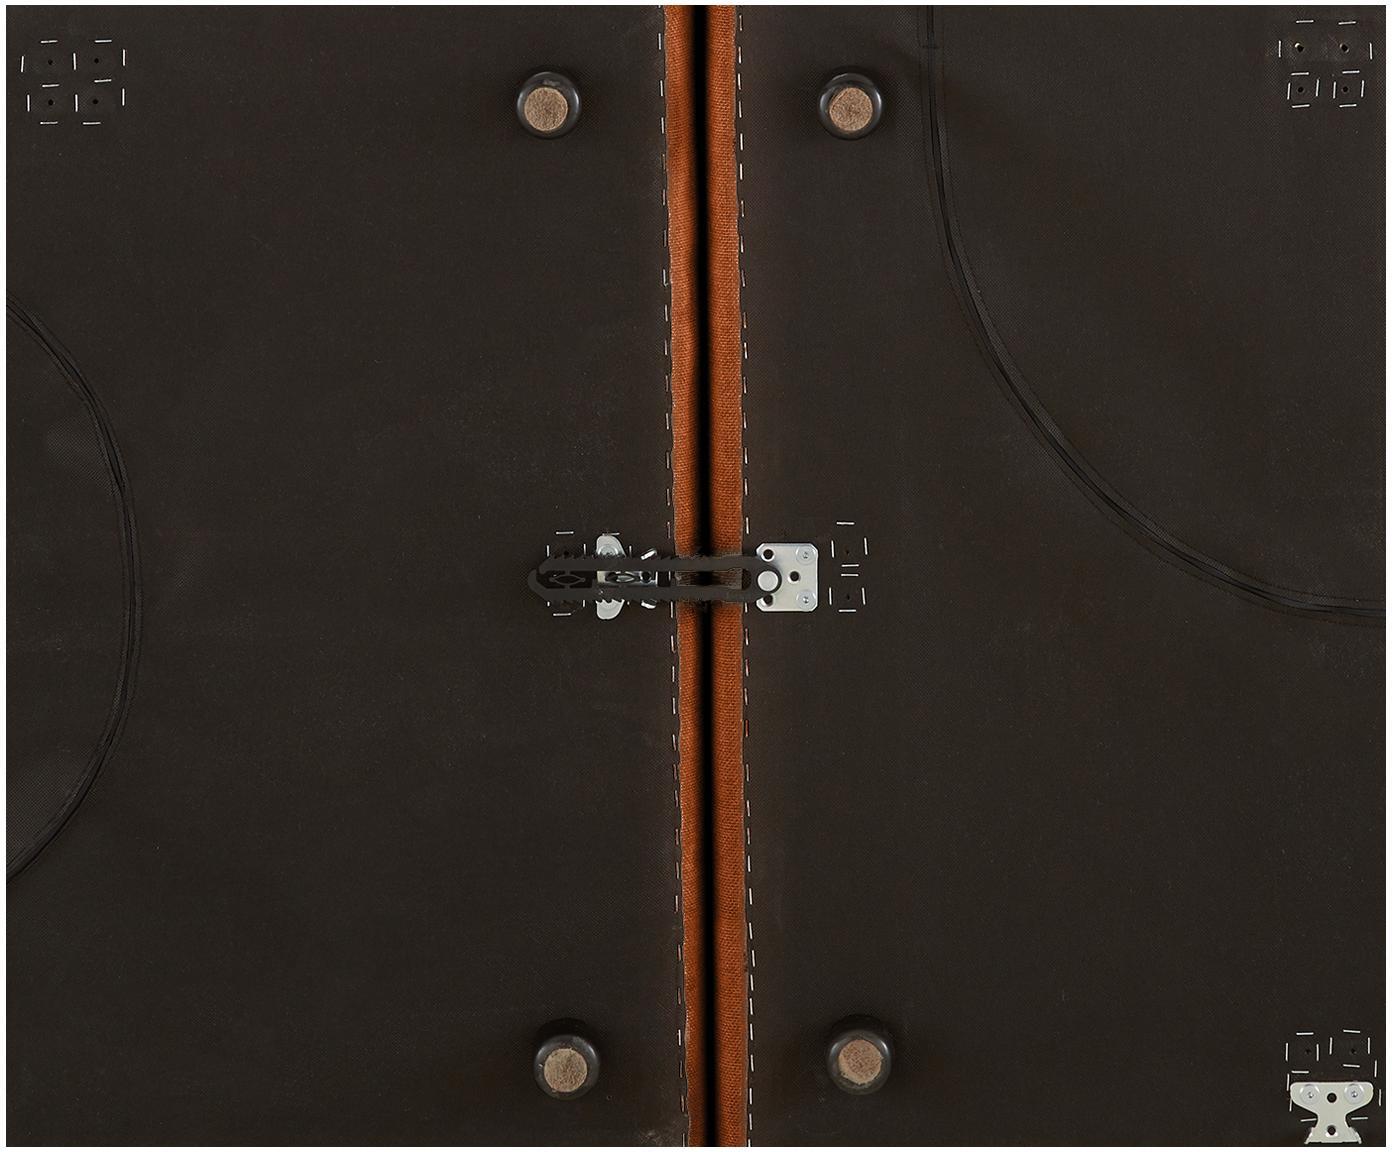 Szezlong modułowy Lennon, Tapicerka: poliester 35 000 cykli w , Stelaż: lite drewno sosnowe, skle, Nogi: tworzywo sztuczne, Terakota, S 269 x G 119 cm